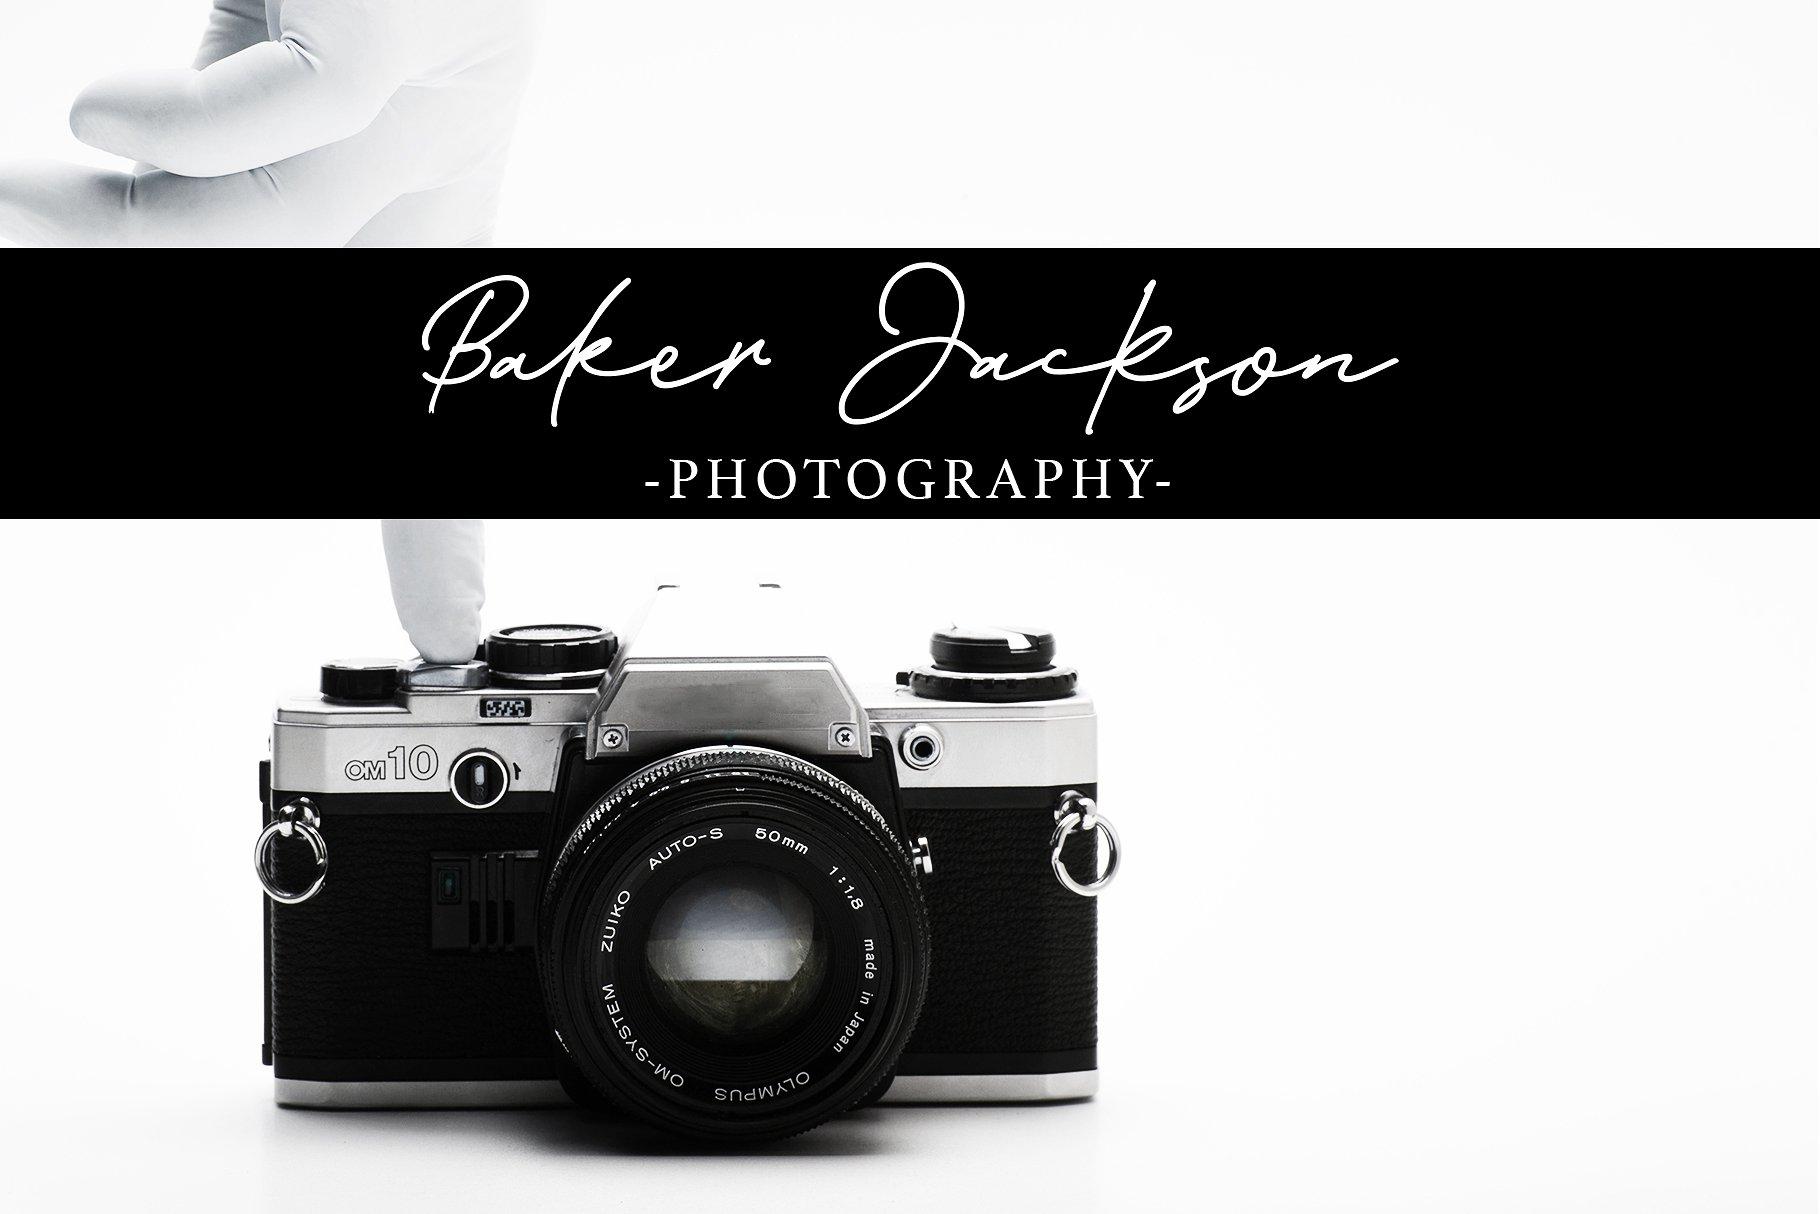 Baker Jackson Signature example image 10